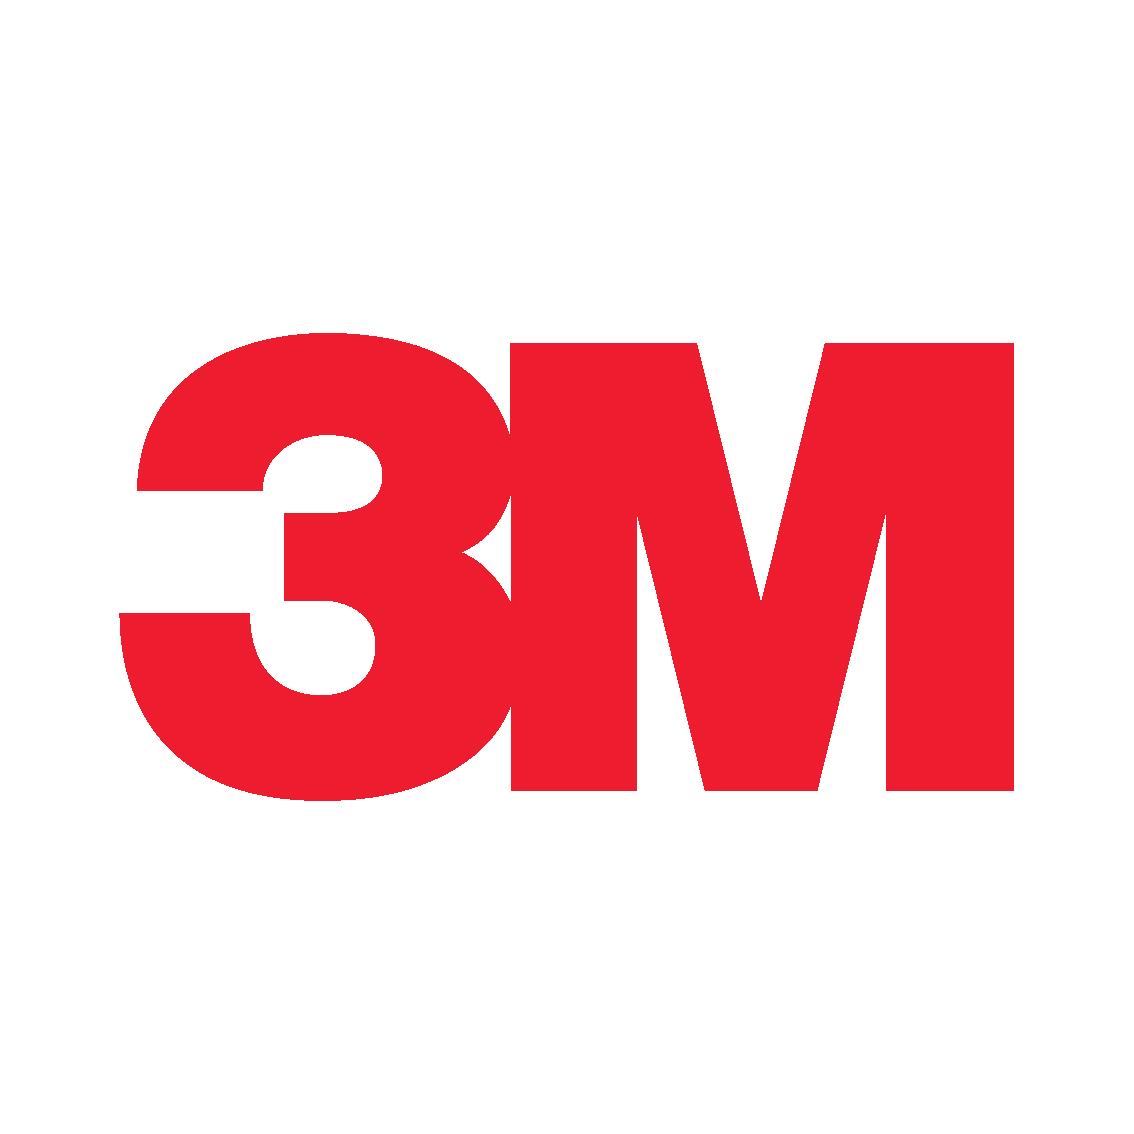 panta chimica catalogo 3m